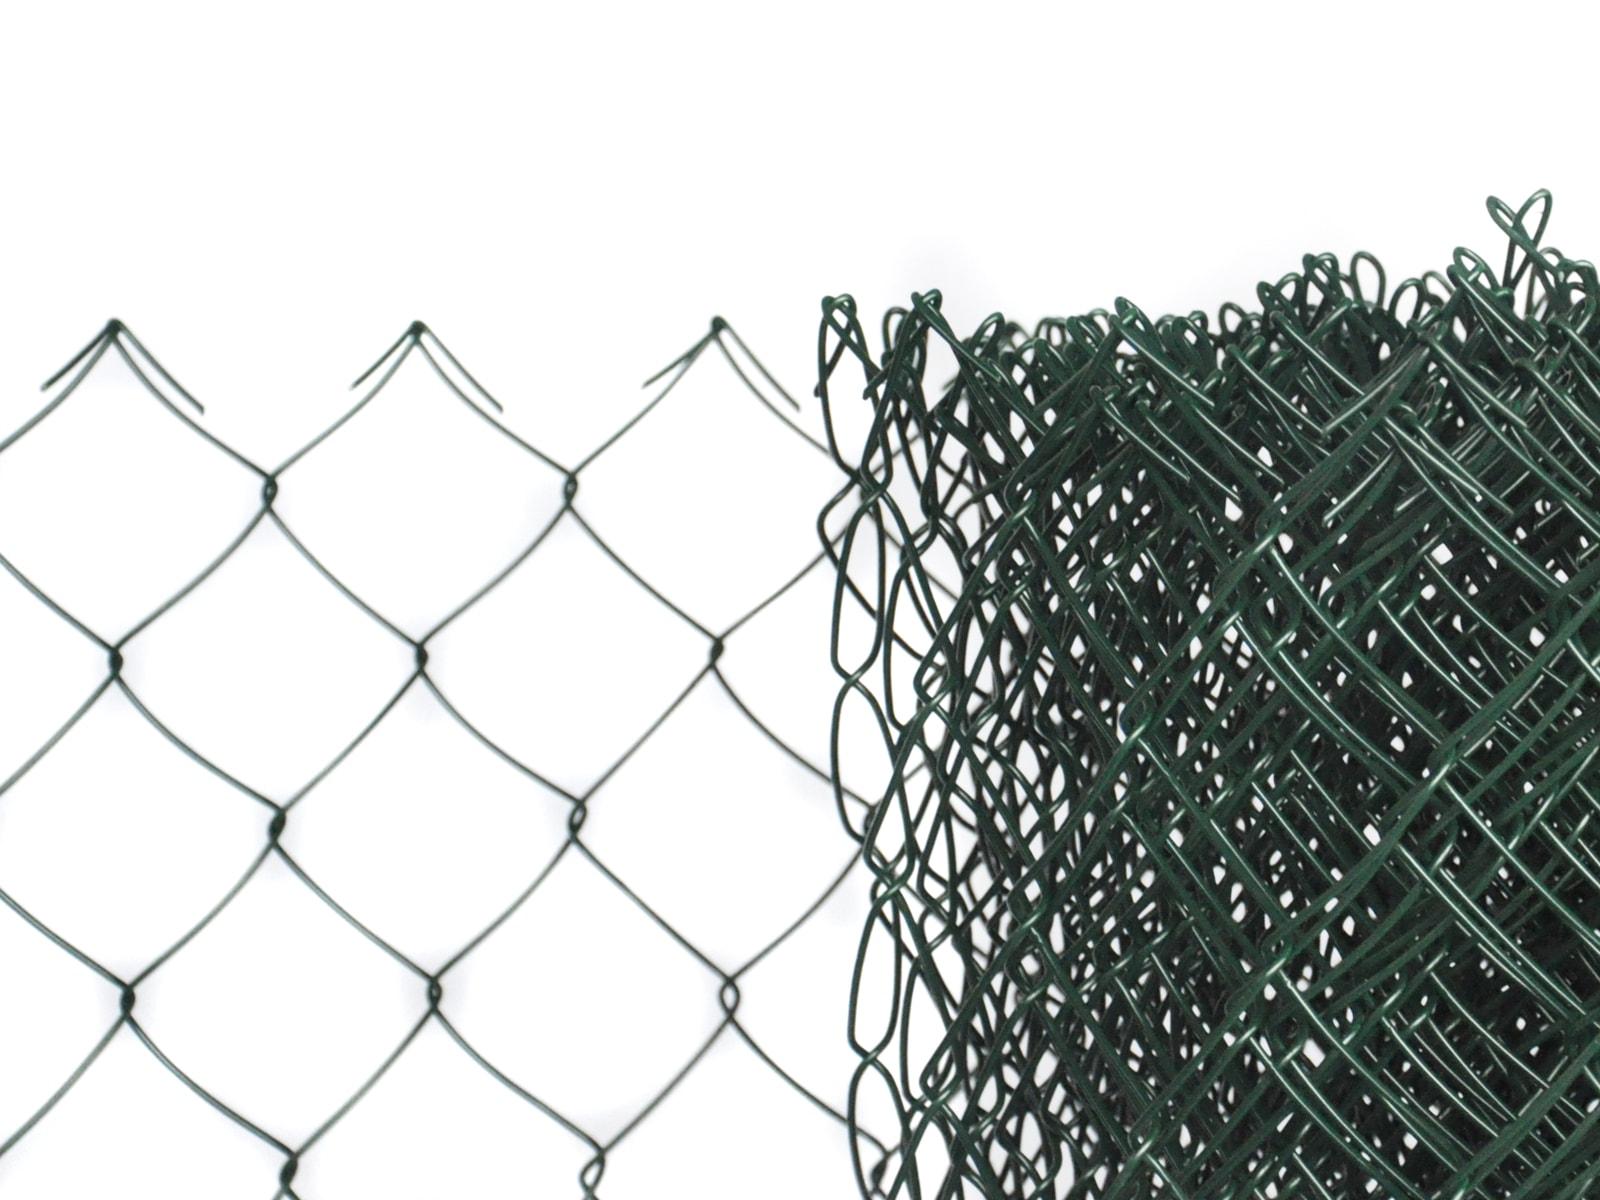 Pletivo poplastované výška 125 cm bez ND (2,5 mm; 50 x 50 mm; PVC; zelené)